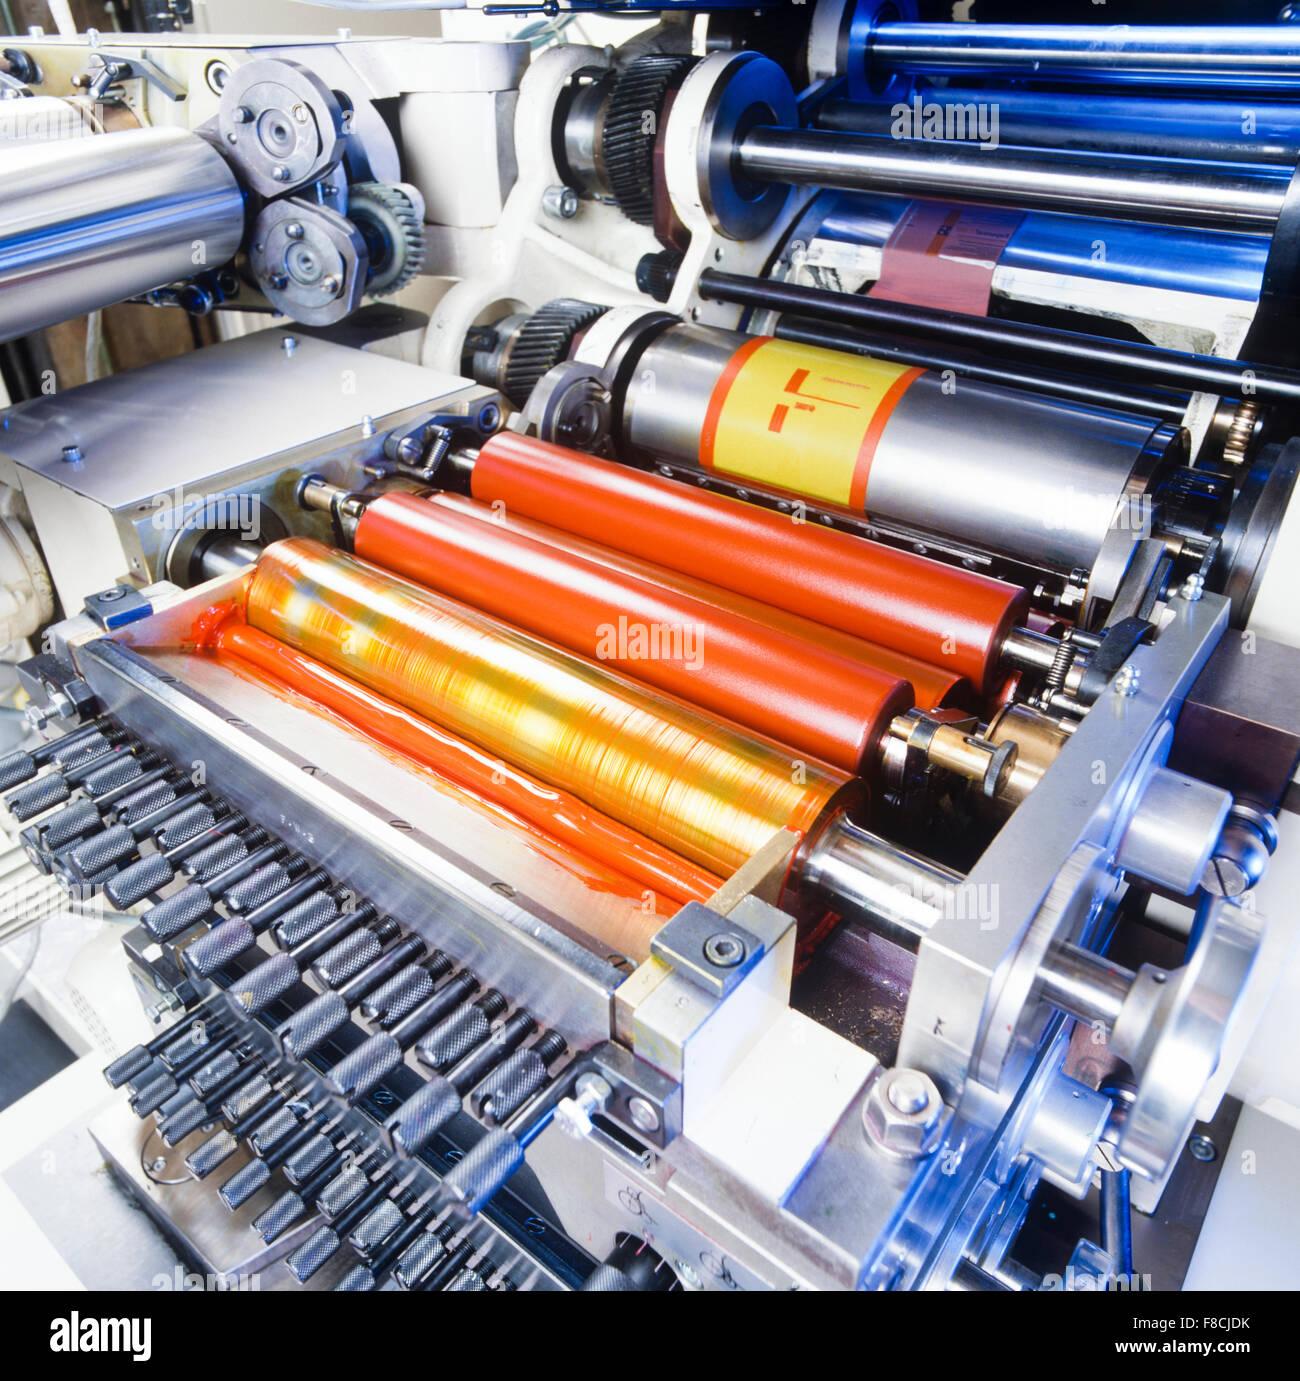 pad printing machine at work Stock Photo: 91247007 - Alamy